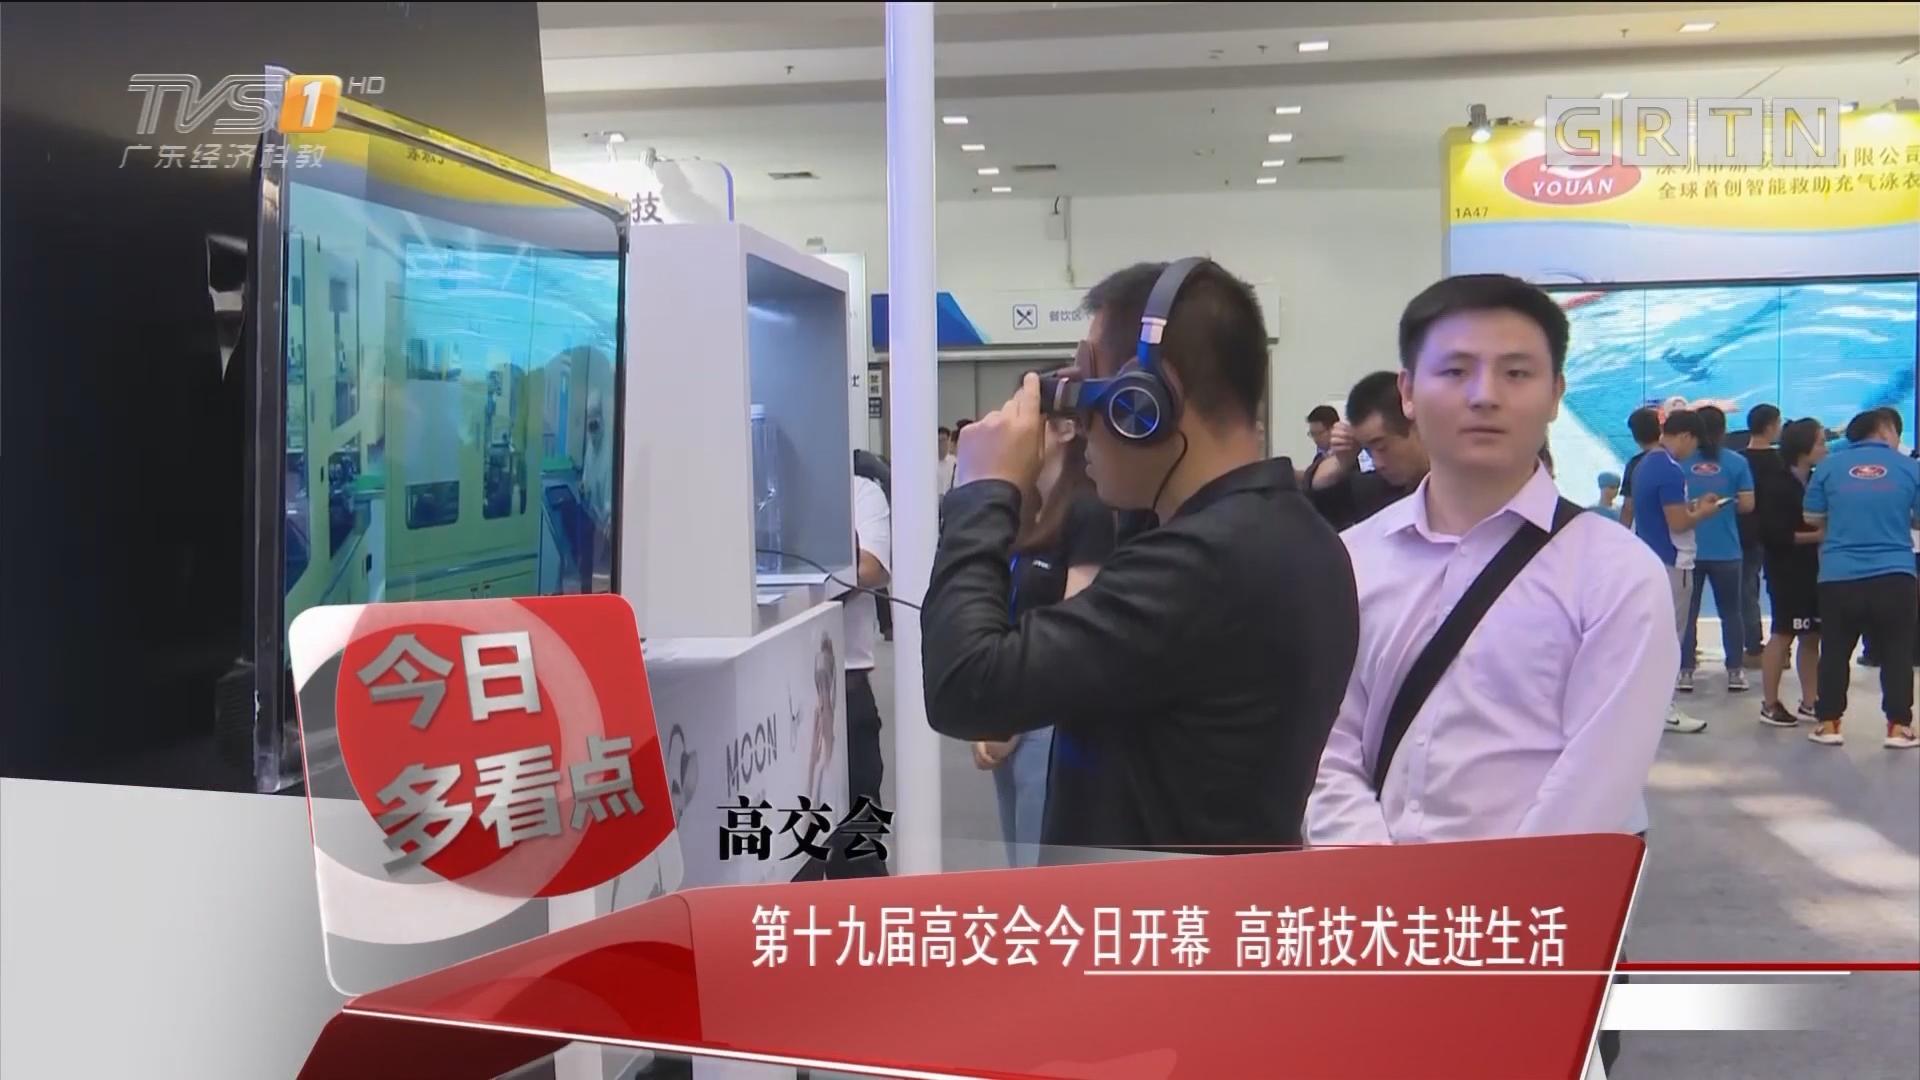 第十九届高交会今日开幕 高新技术走进生活